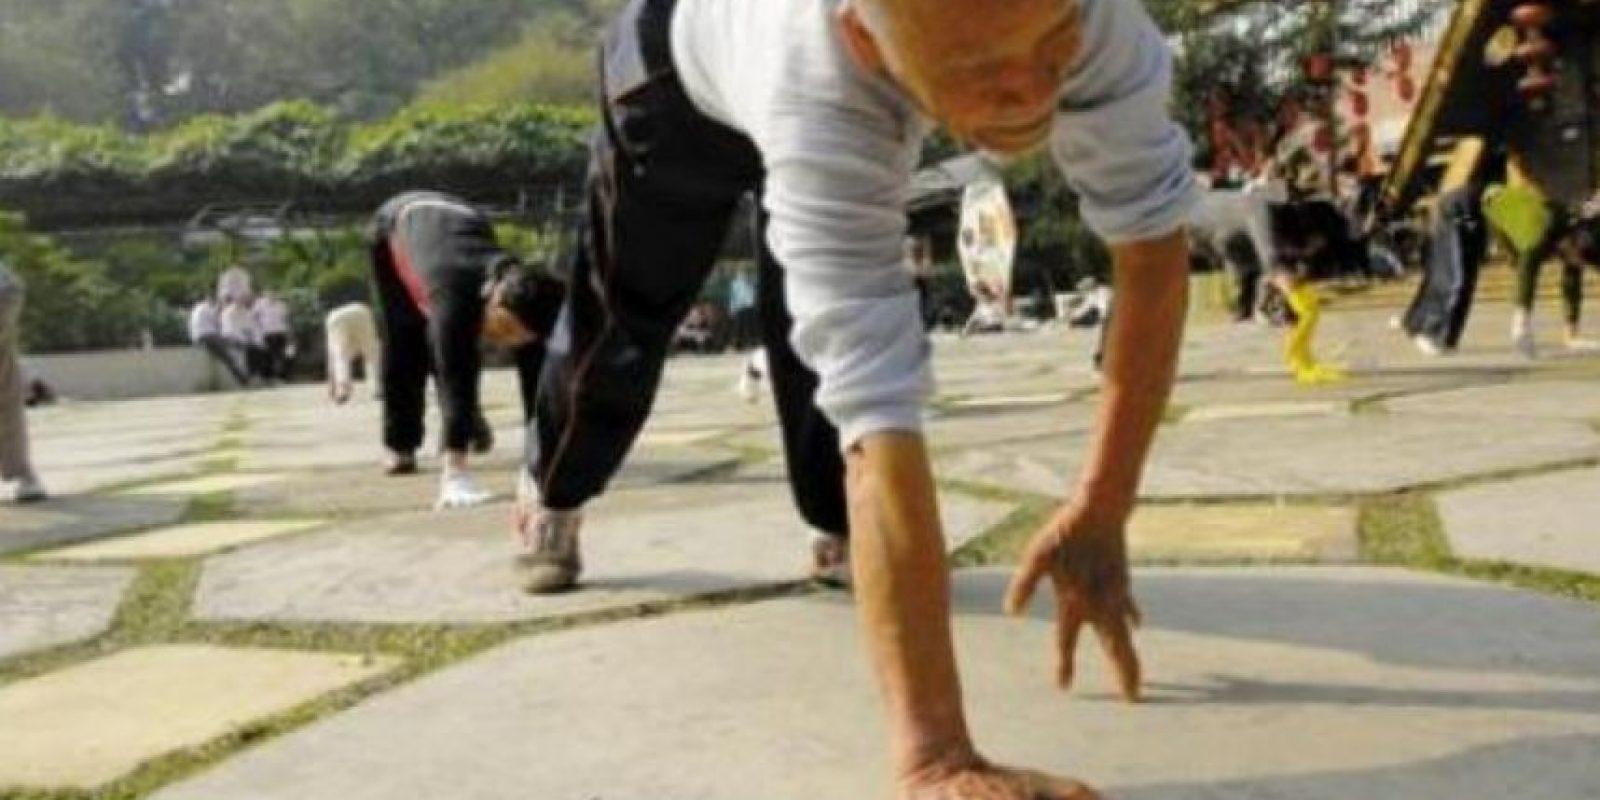 Foto:Vía ChinaNews